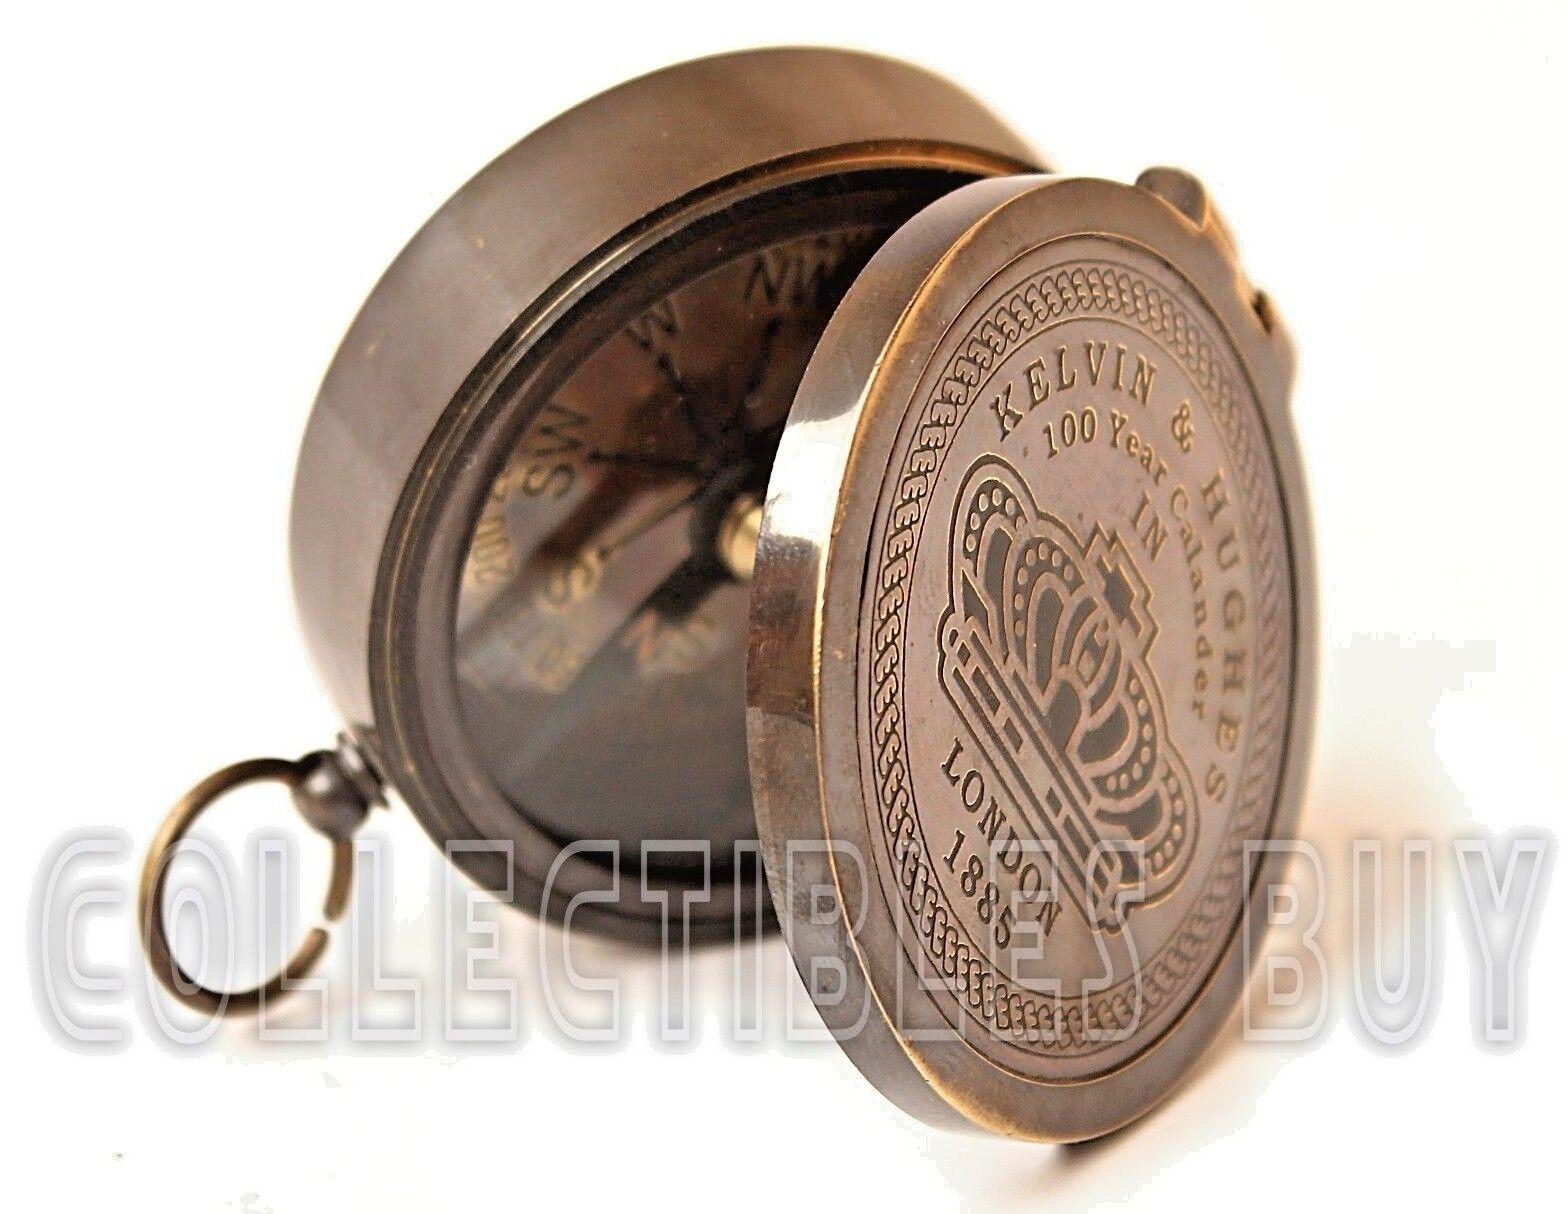 Vintage Kelvin & Hughes Compass 100 Years Calendar Antique Pocket Navigation